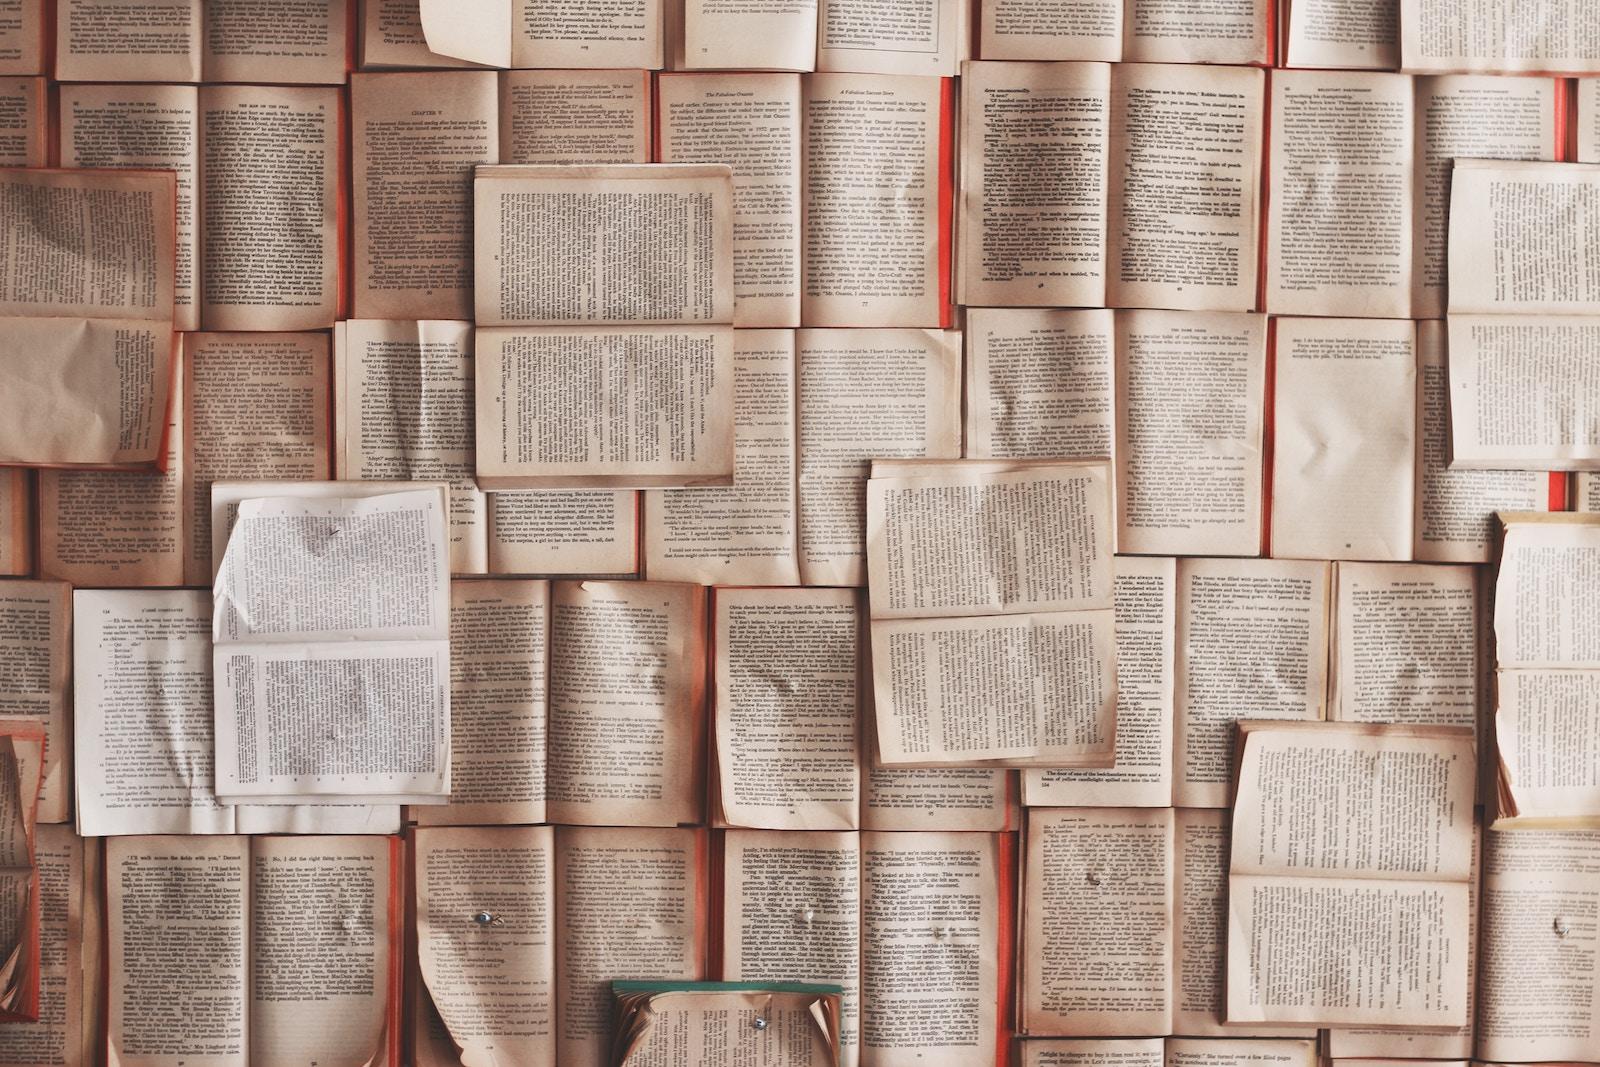 10 anglomovnyh biznes-knyg, jaki vam varto pročytaty u 2018-mu